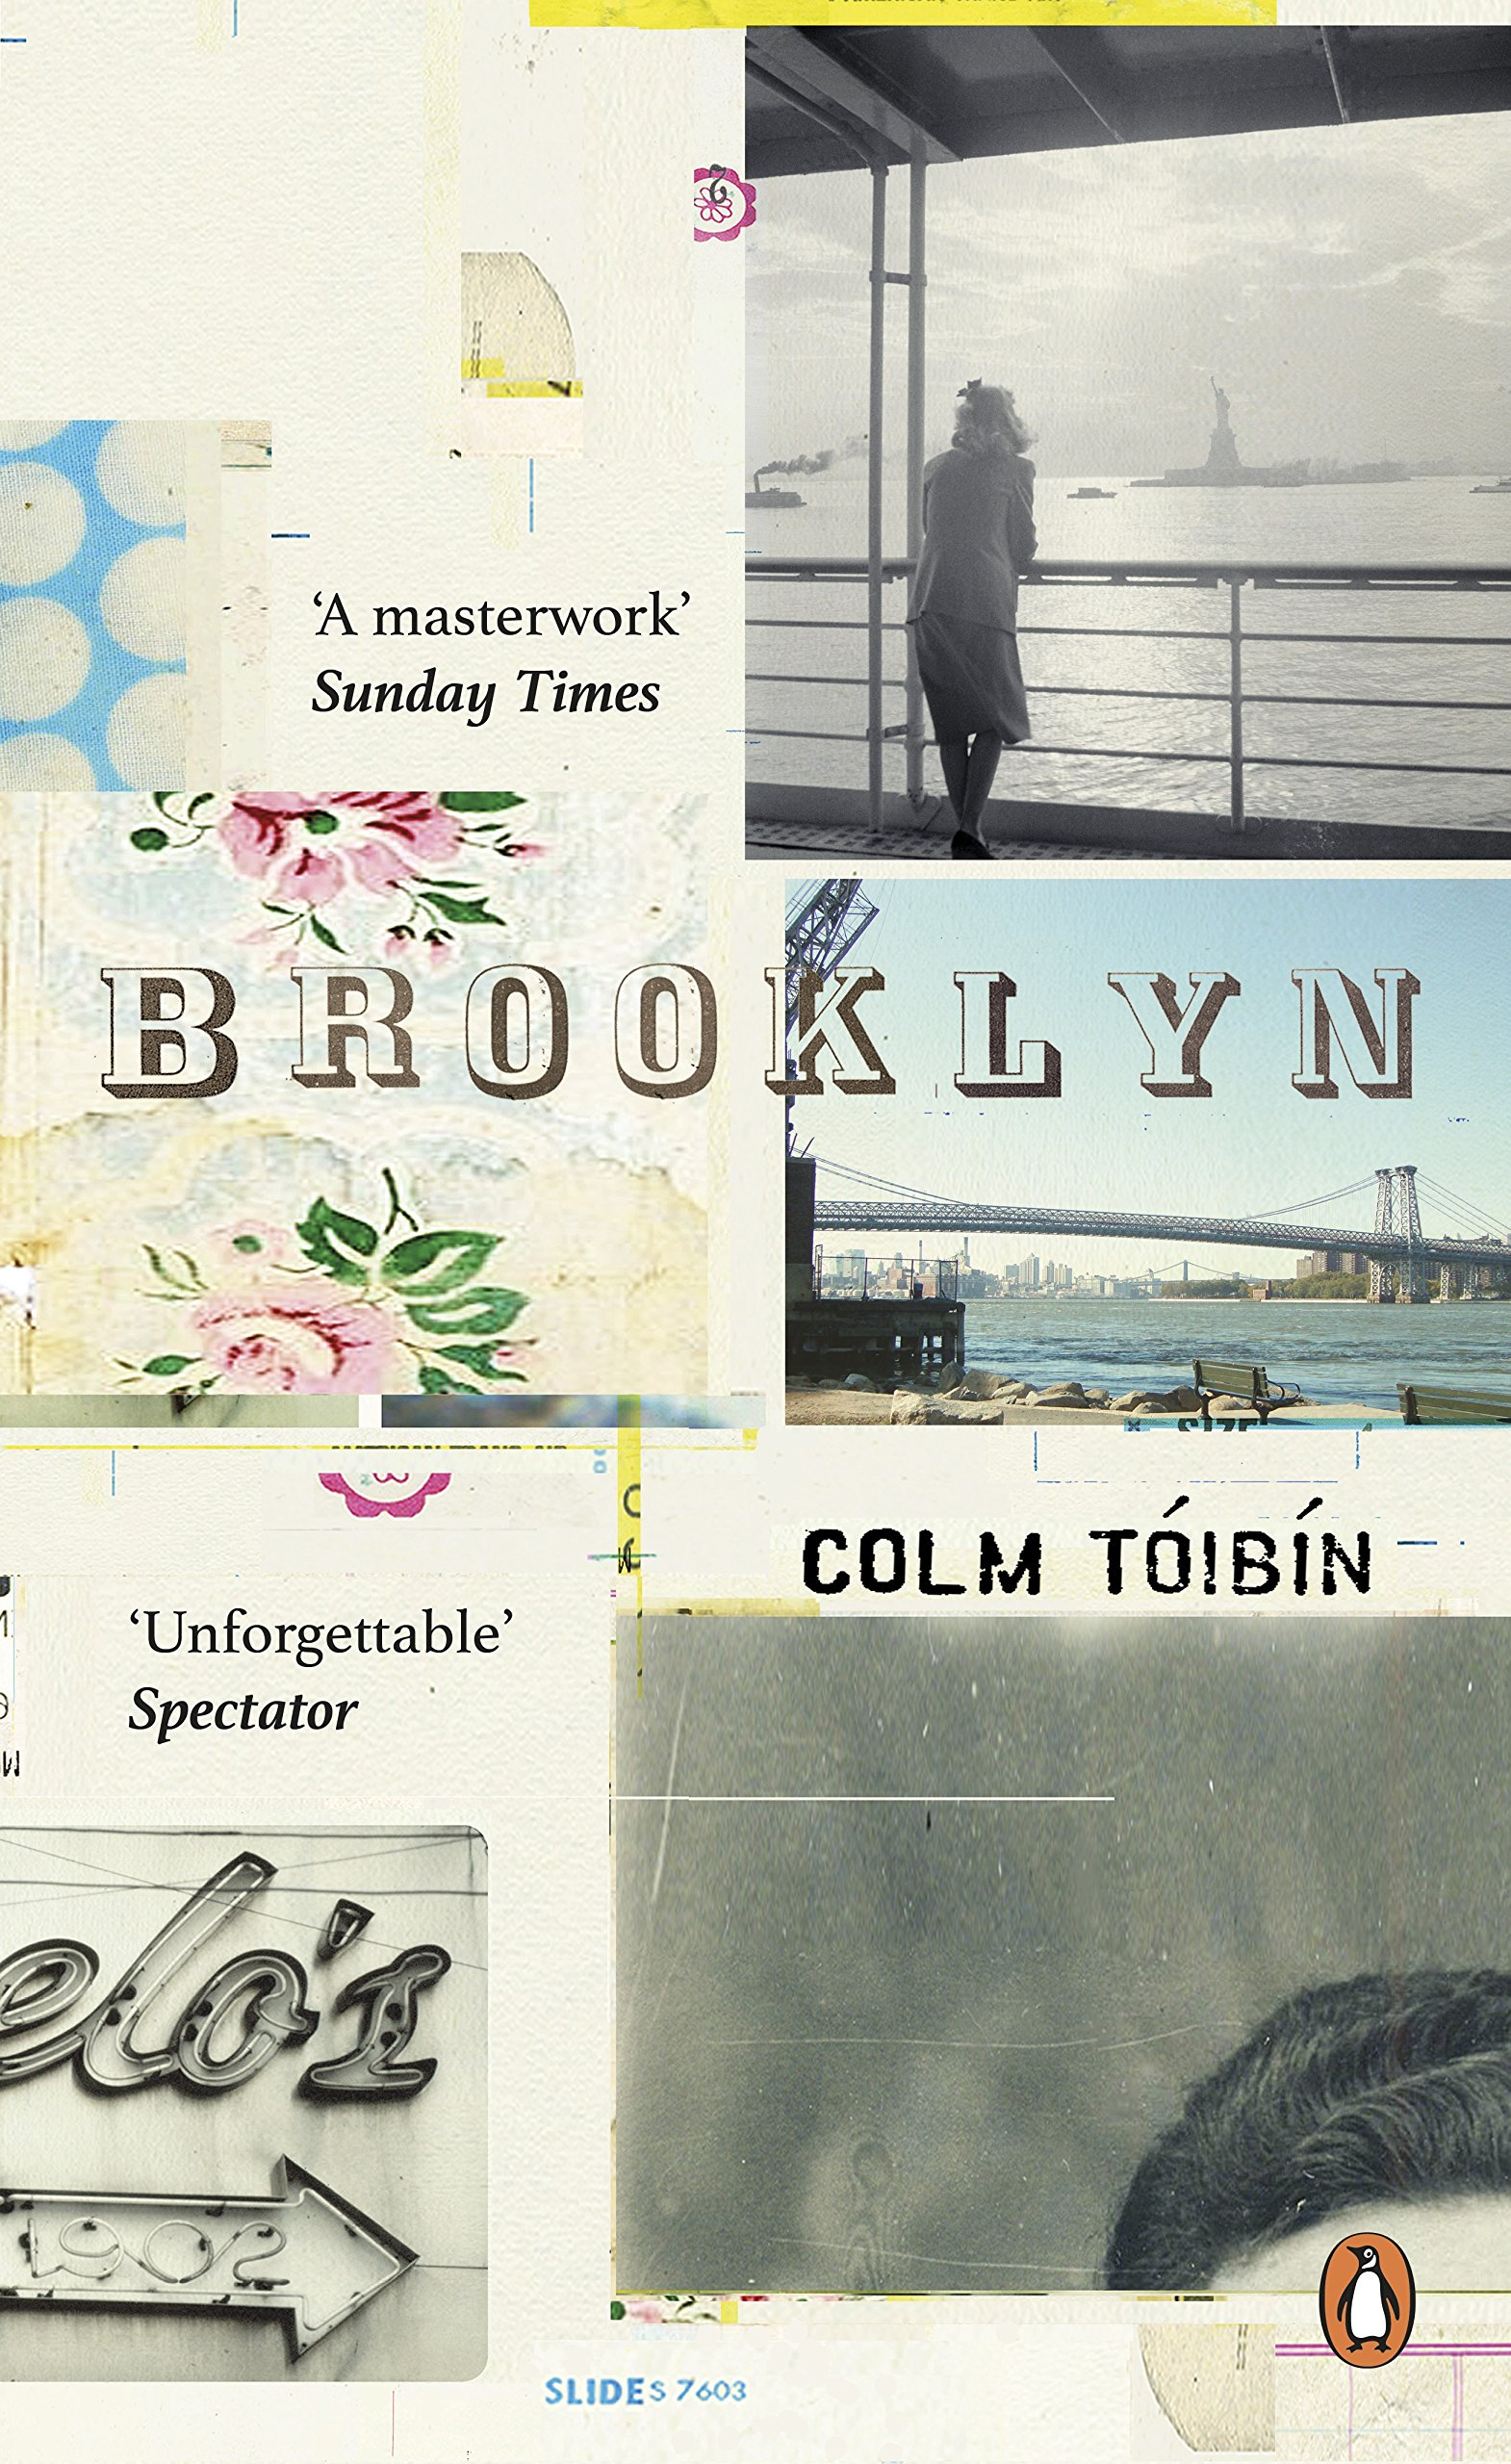 Brooklyn (et autres romans) de Colm Toibin - Page 2 91wqmcY2DXL